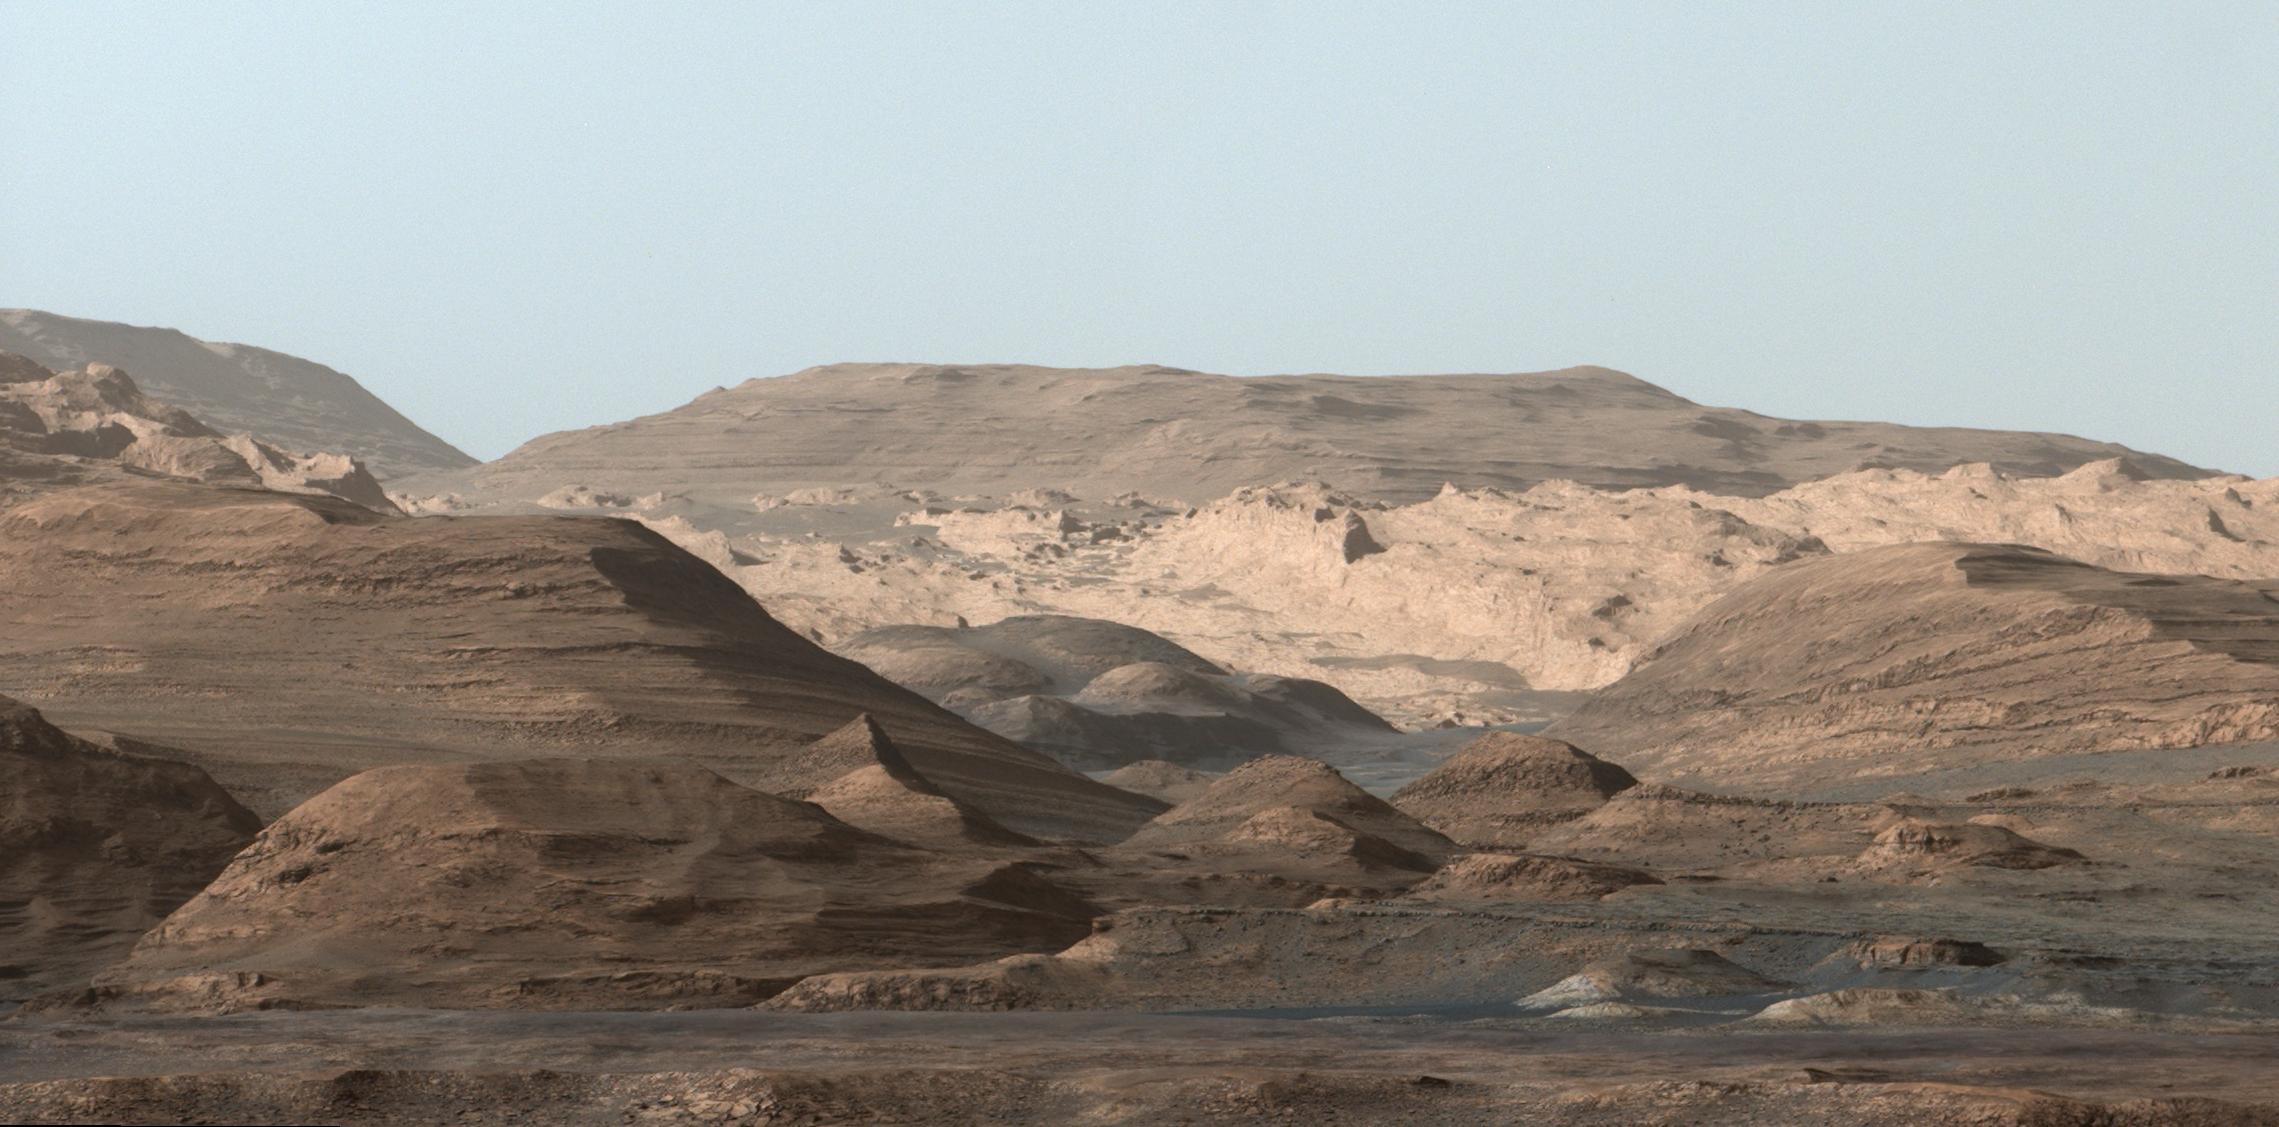 Curiosity Rover Snaps Stunning Mountain Vista on Mars (Photo)